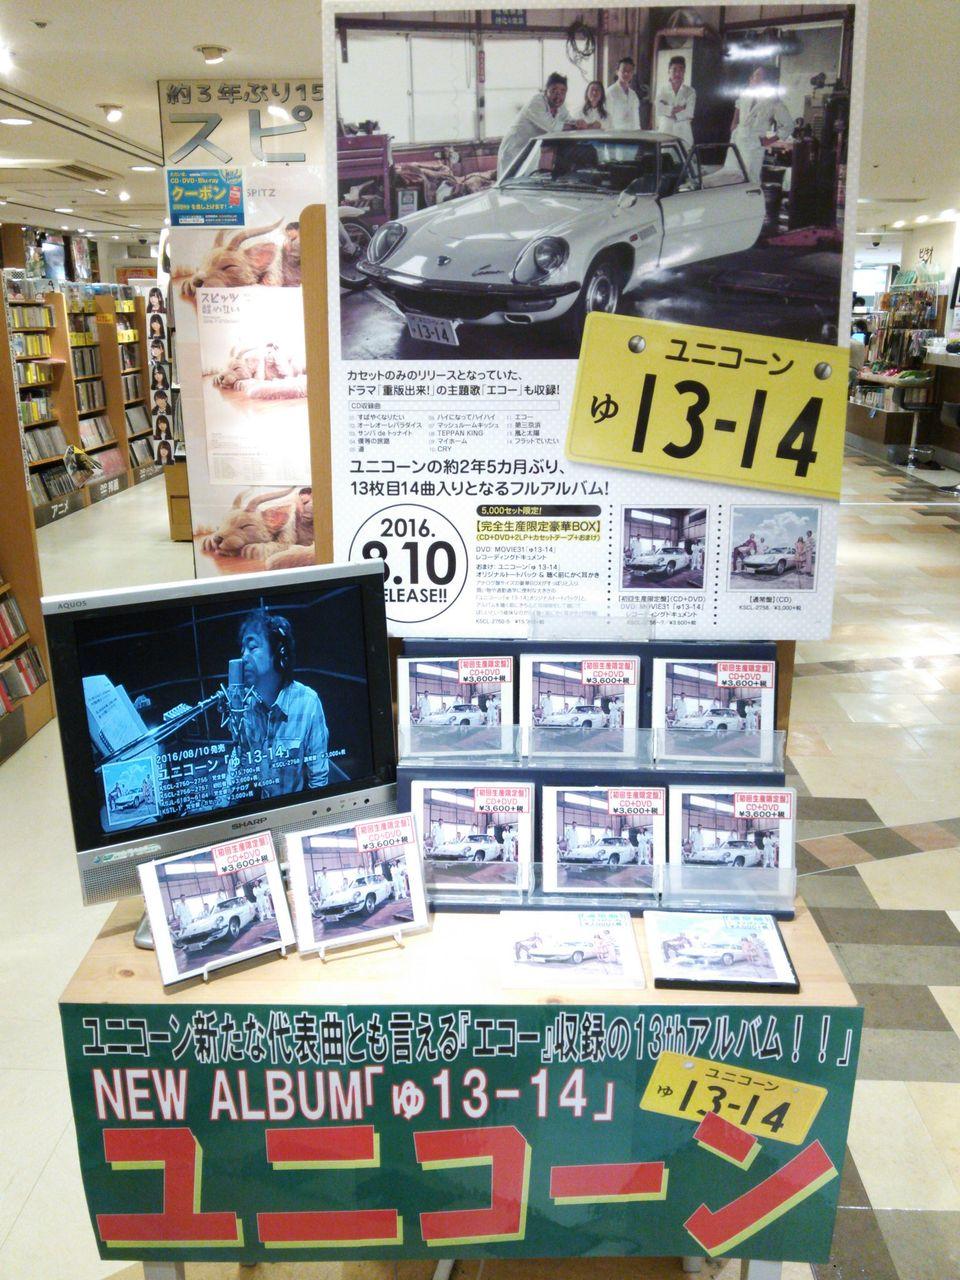 【ユニコーン】ニューアルバム『ゅ 13,14』入荷しました!!ご来店お待ちしております♪ ユニコーン